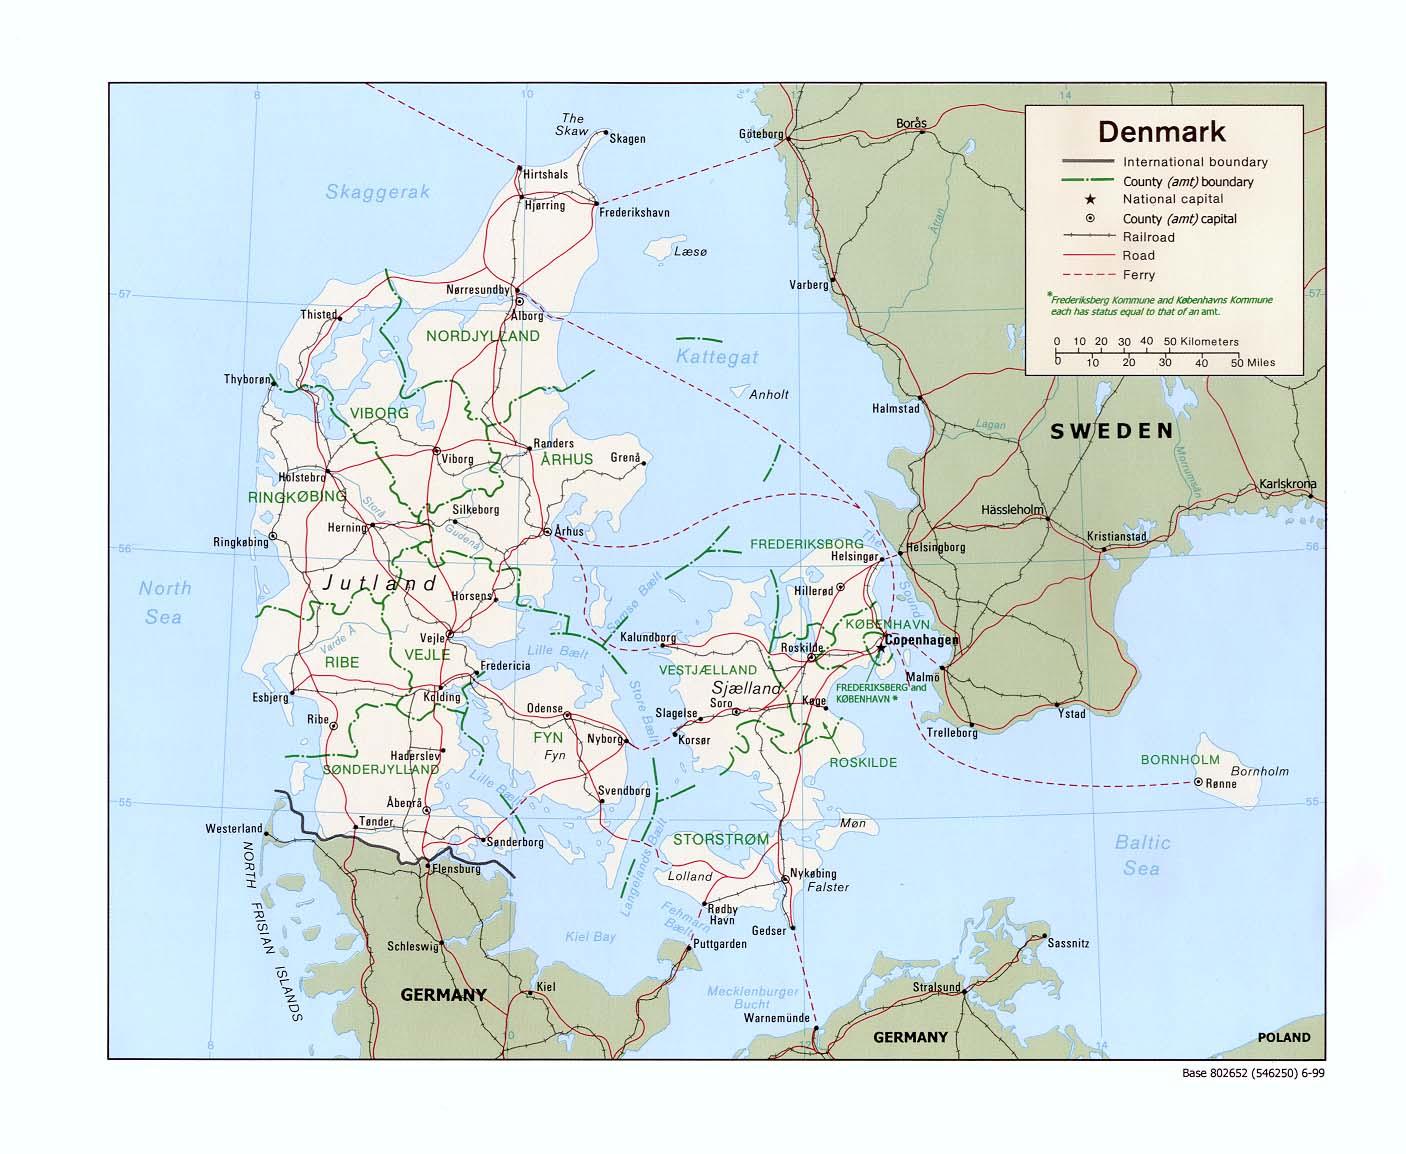 städer i danmark karta Roskilde | Travel Forum städer i danmark karta